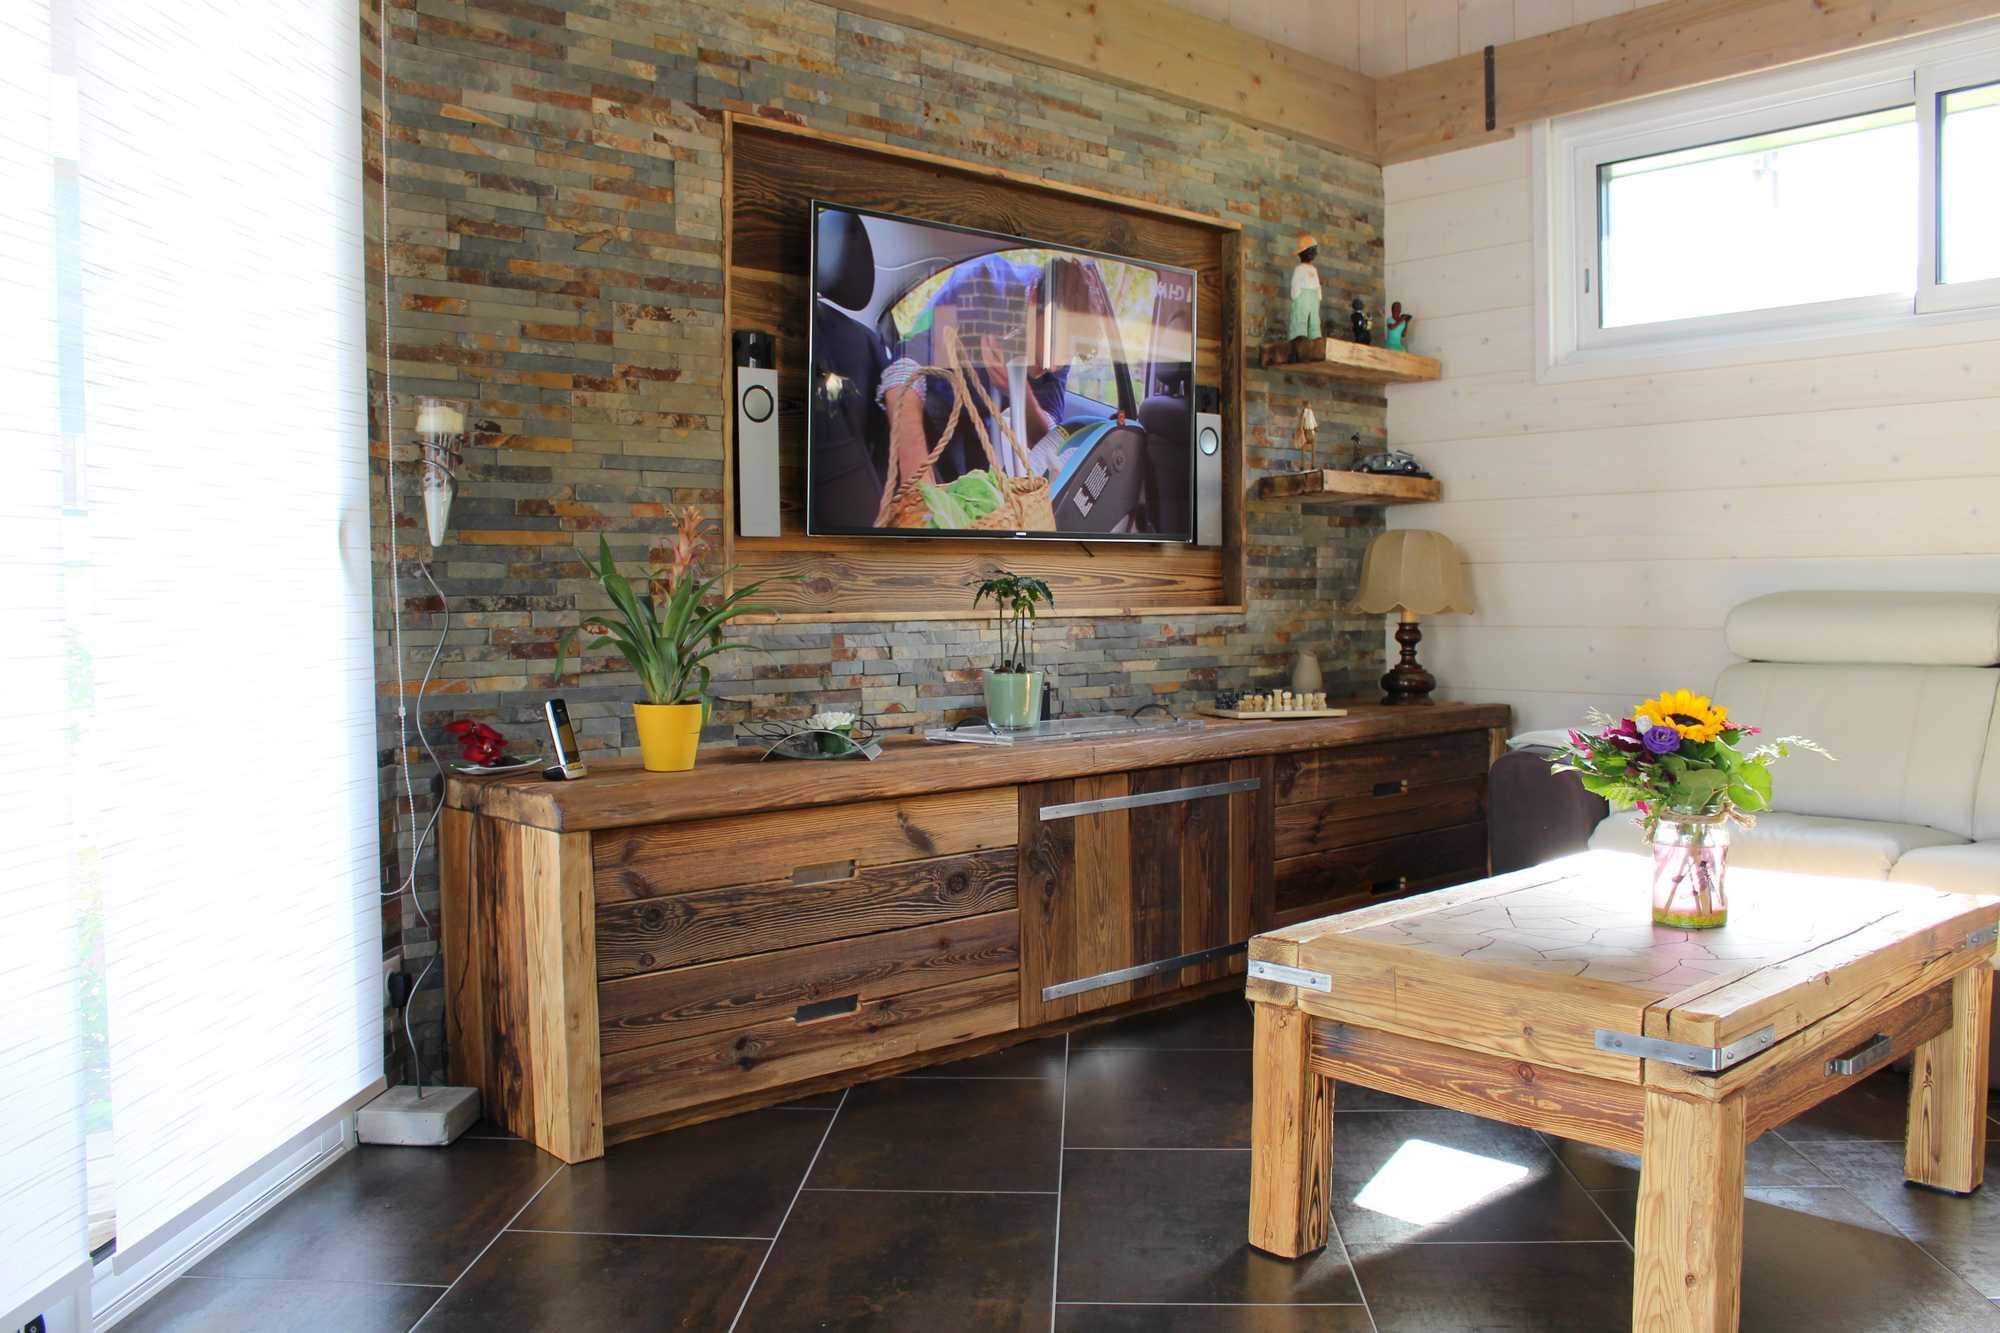 meuble et table vieux bois